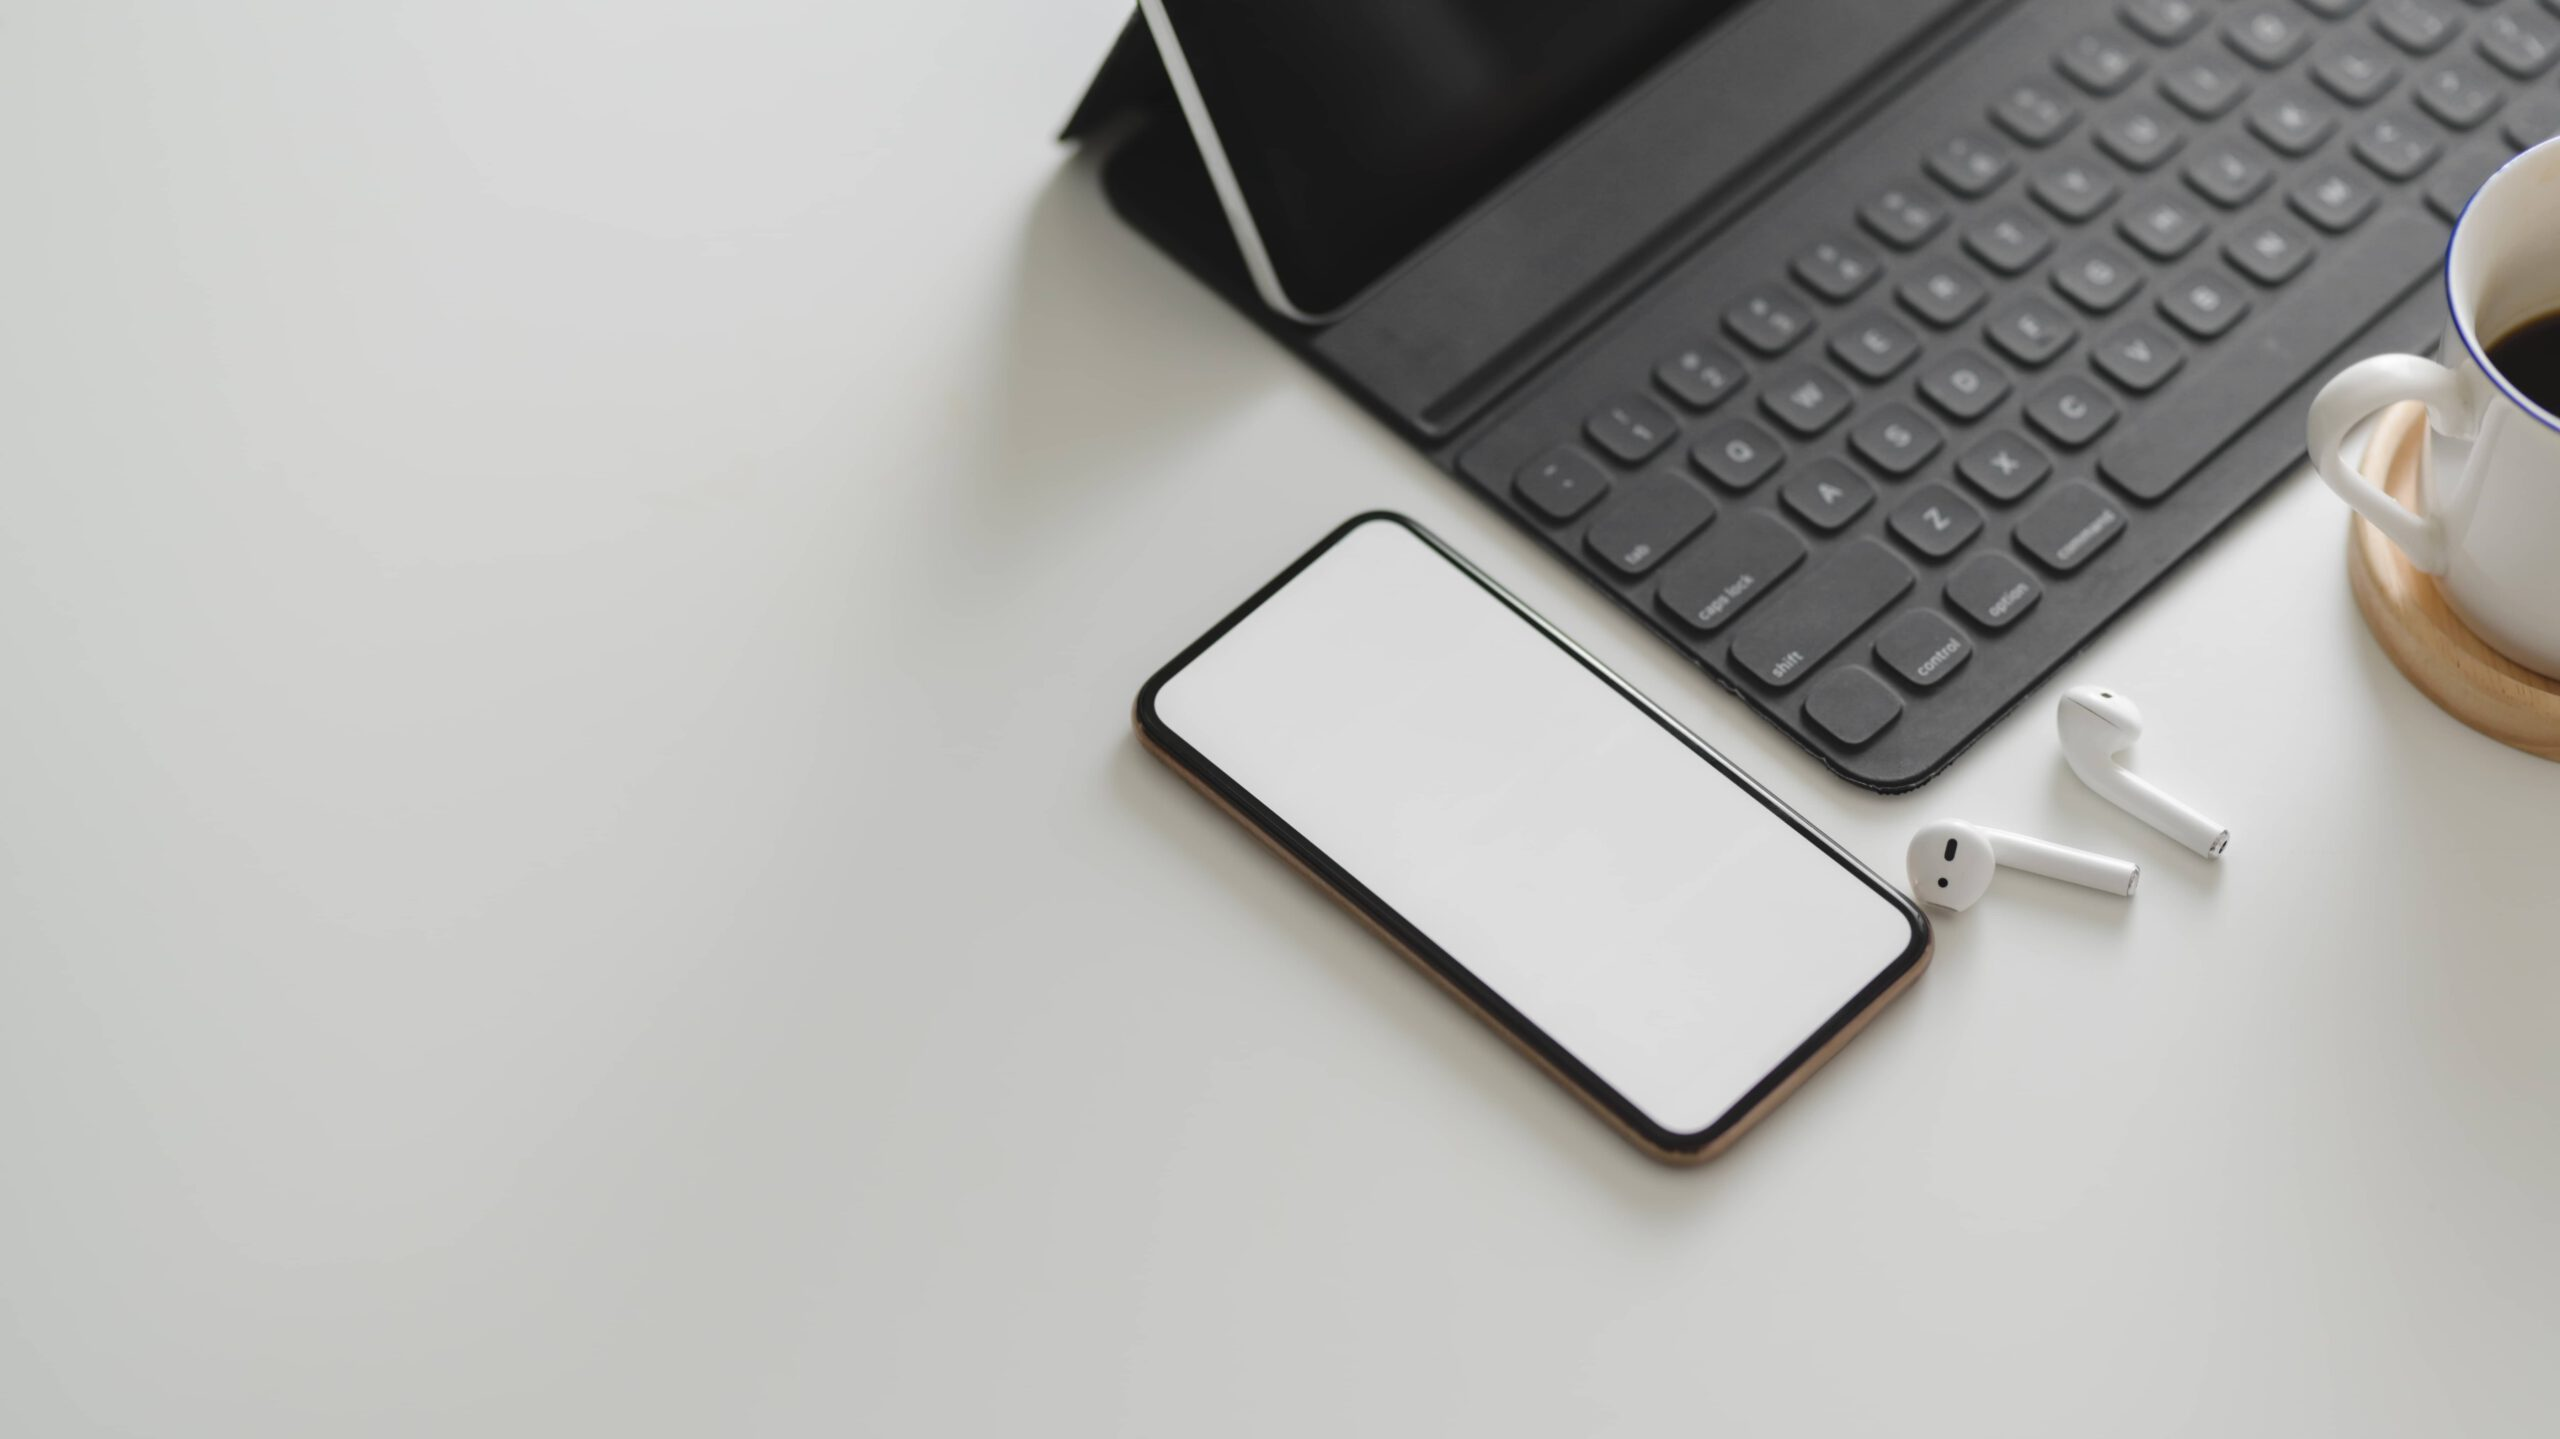 Powiadomienia PUSH na telefonie - zachęcają czy odstraszają?